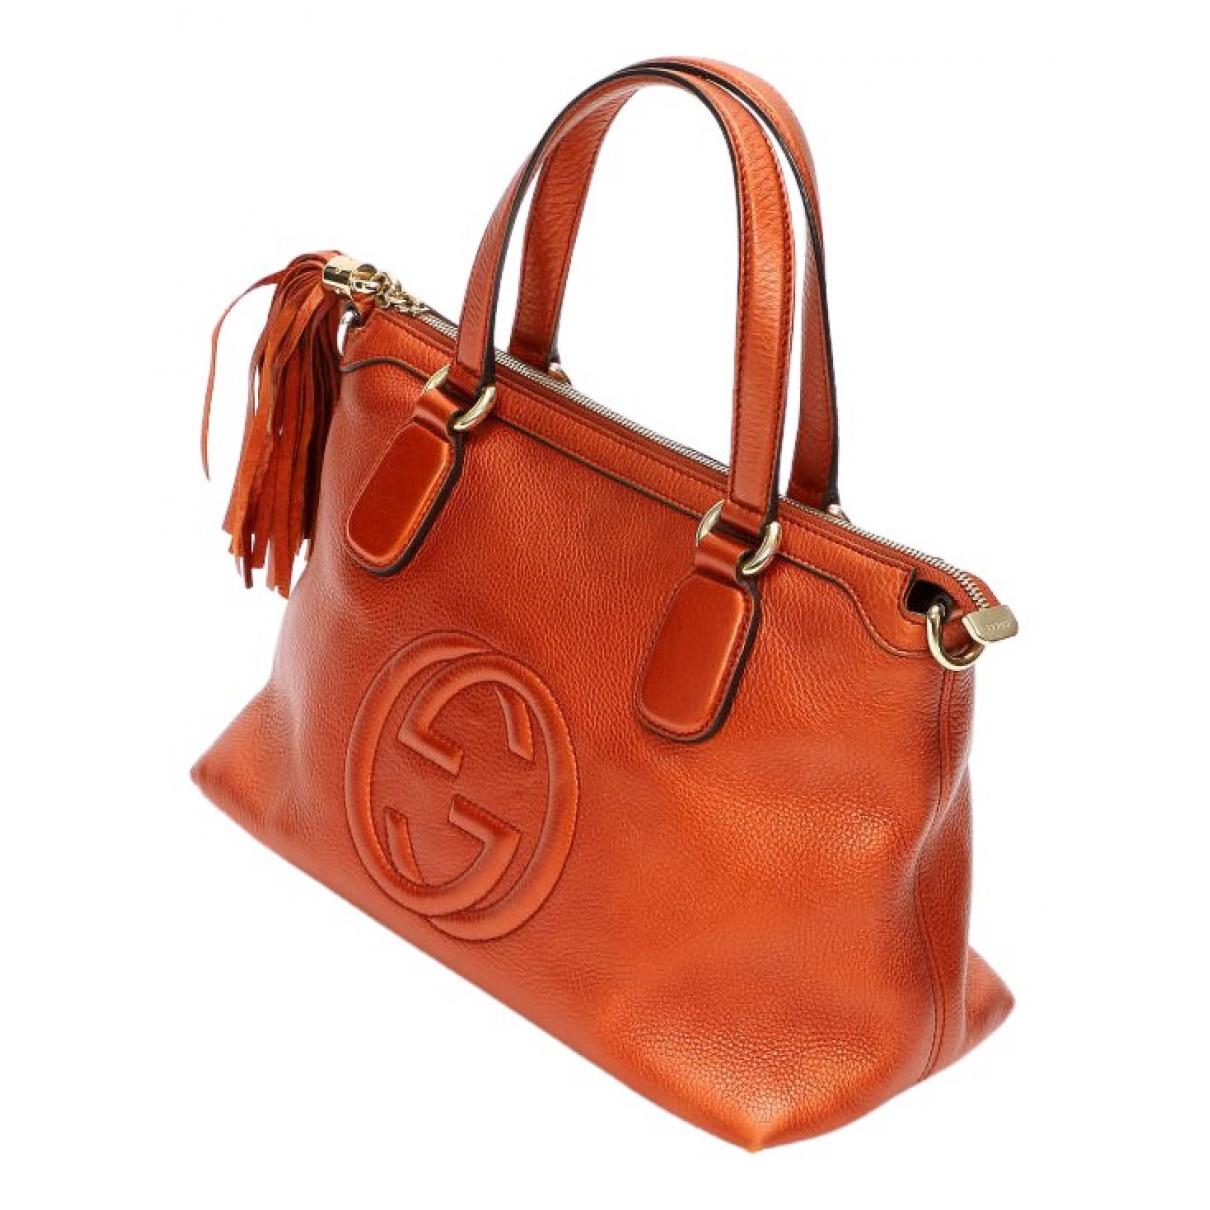 Gucci - Sac a main Soho pour femme en cuir - marron